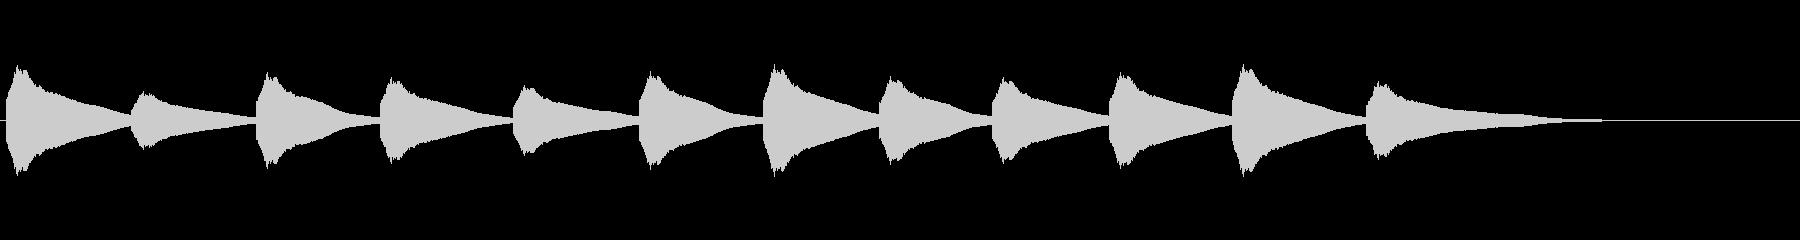 【鐘の音_07】カーン/教会/12時の未再生の波形